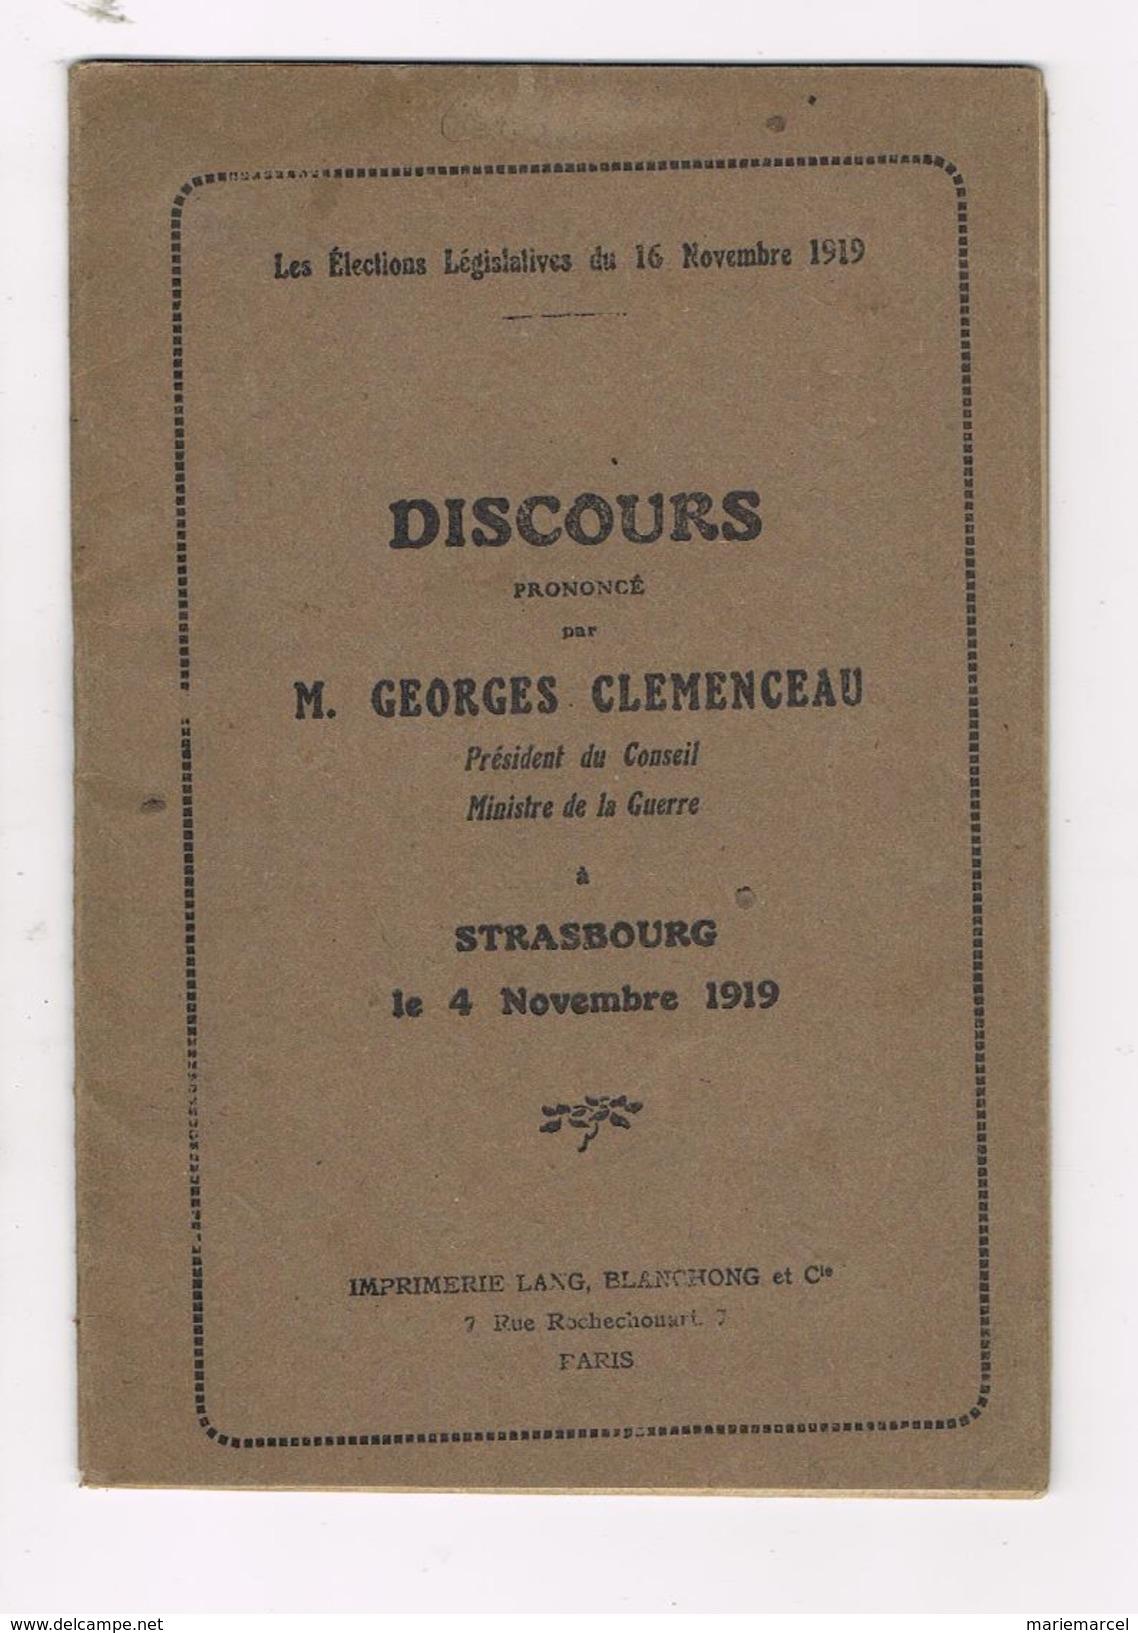 DISCOURS PRONONCE PAR M. GEORGES CLEMENCEAU STRASBOURG LE 4 NOVEMBRE 1919 - ELECTIONS - Histoire